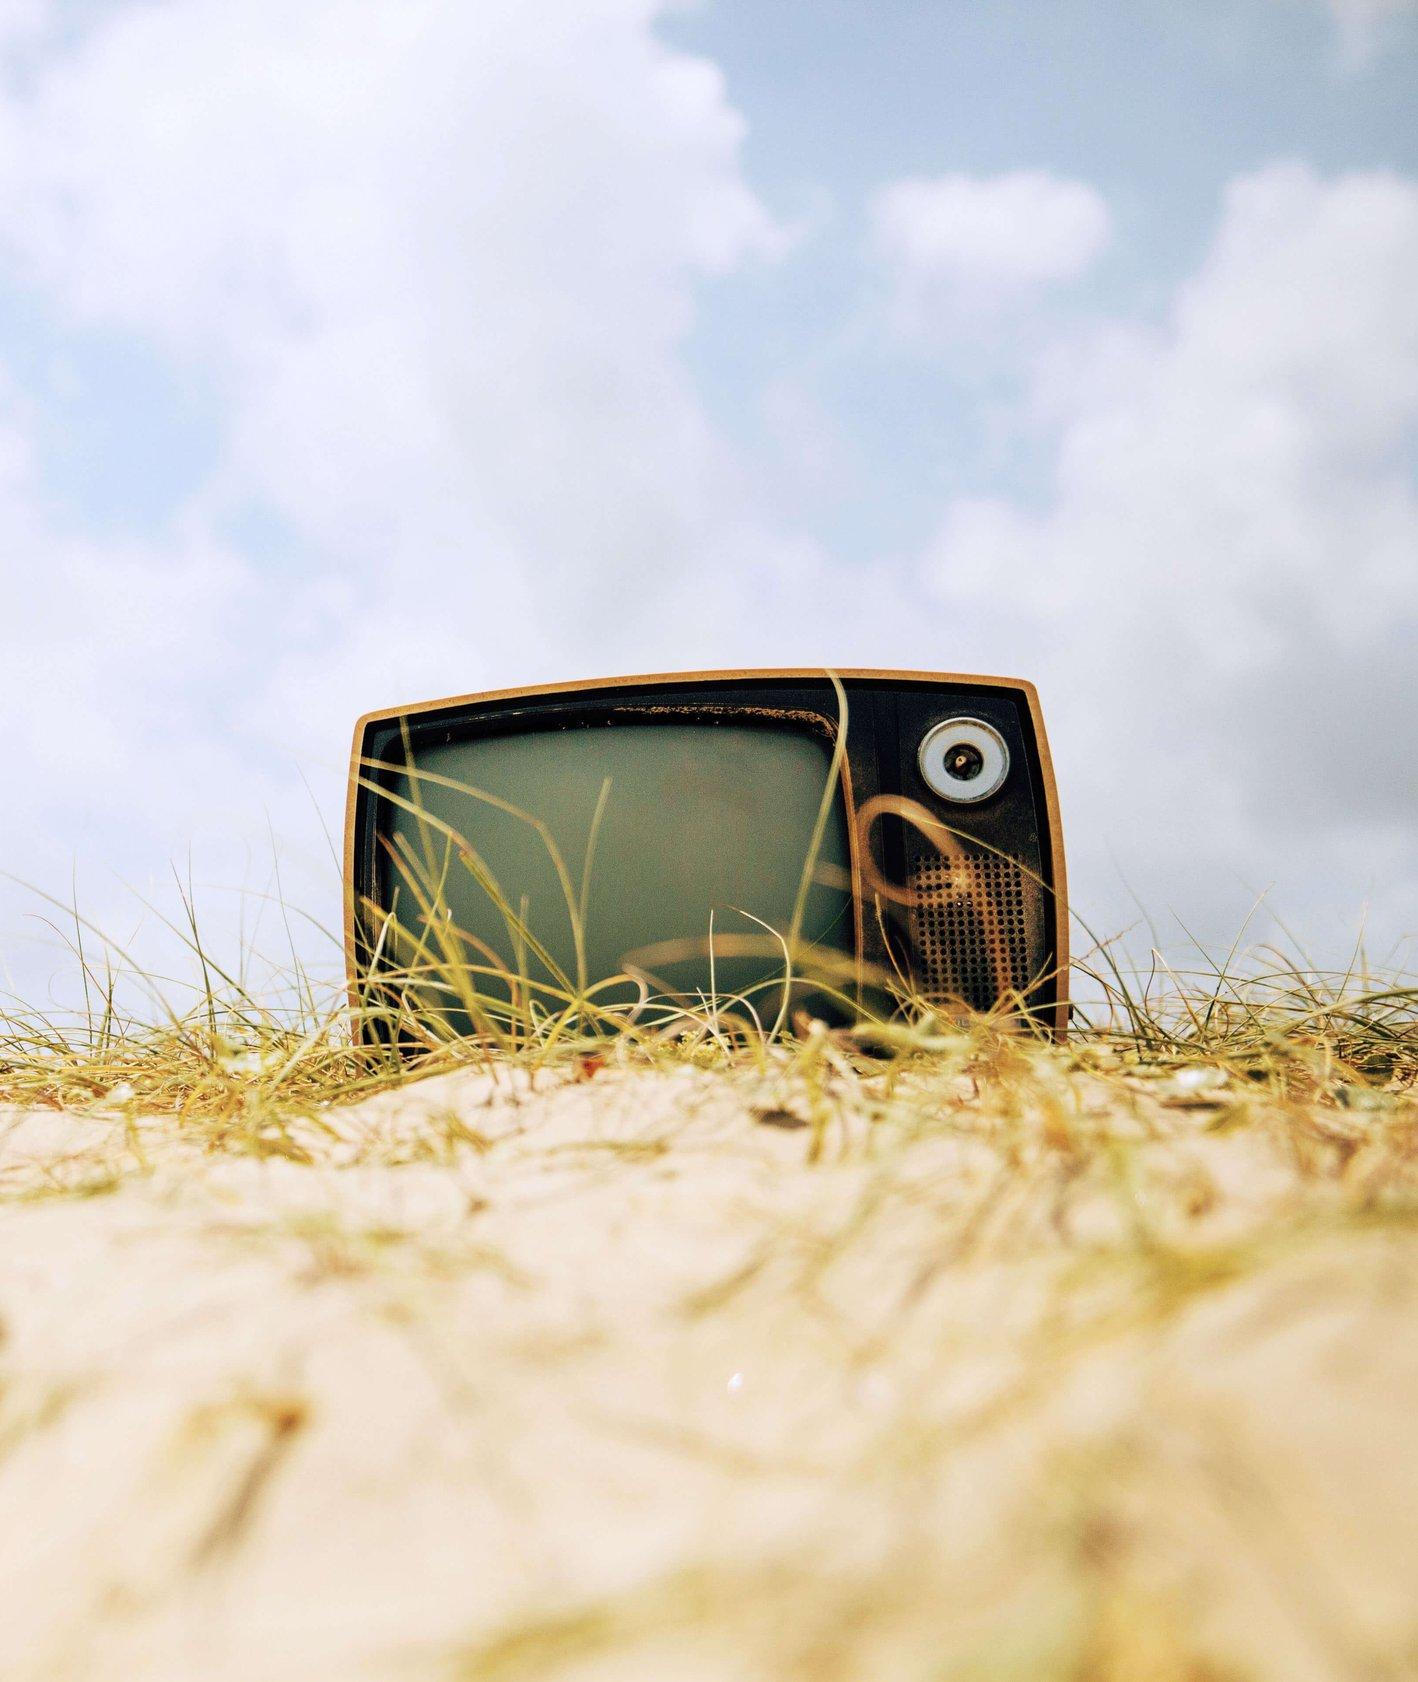 Zdjęcie retro telewizora na plaży (fot. Pablo Garcia Saldana)